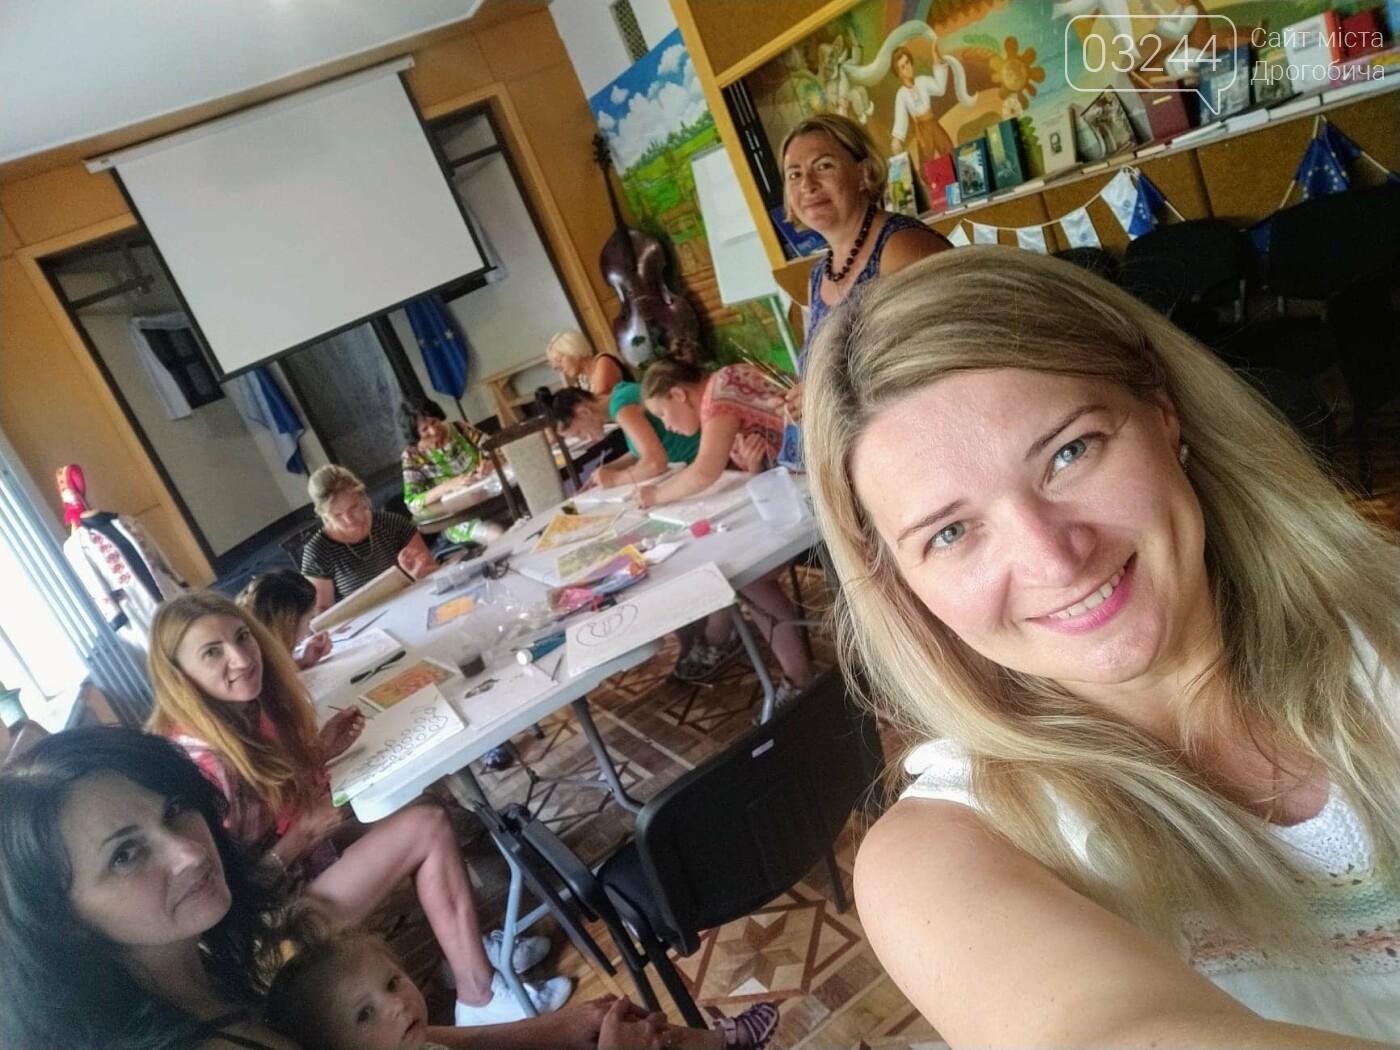 У Дрогобичі пройде Форум «Свідоме батьківство», у рамках якого відбудеться благочинний аукціон, фото-2